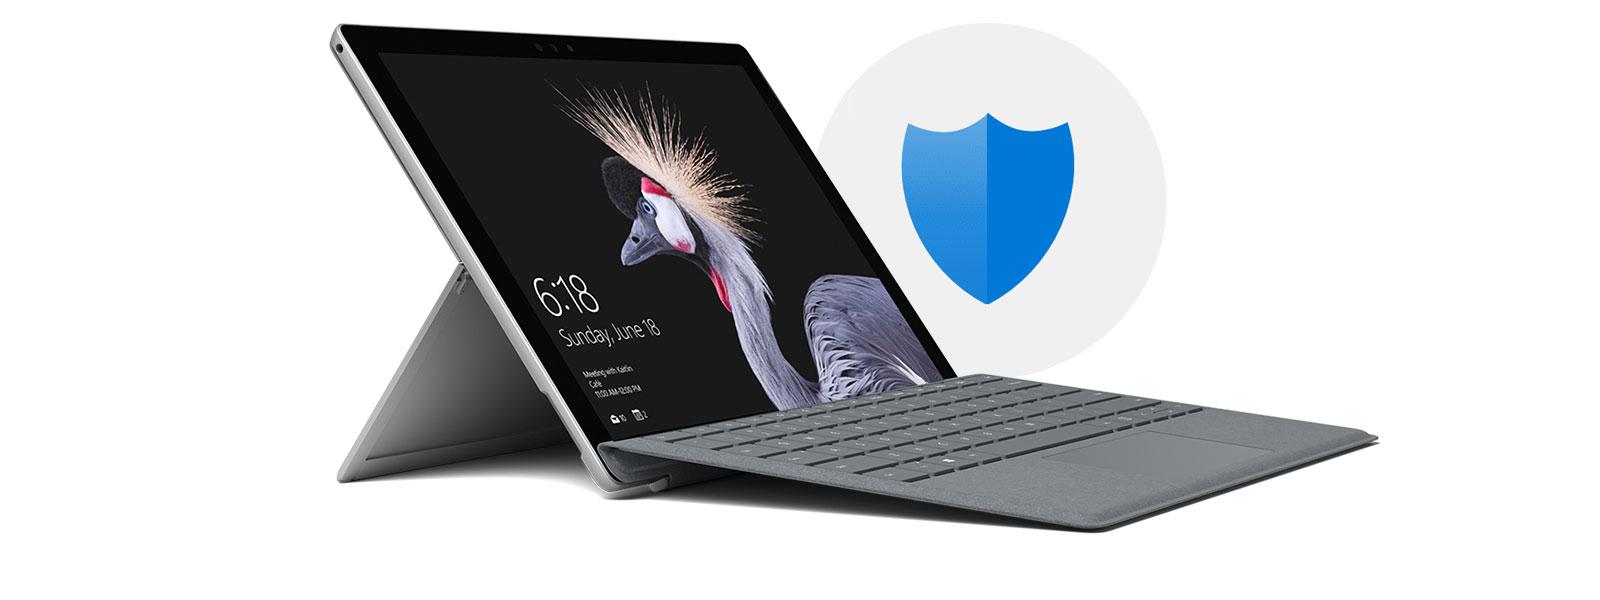 セキュリティ保護アイコンが背景にある、スタート画面が表示され、右向きで置かれているラップトップモードの Surface Pro。